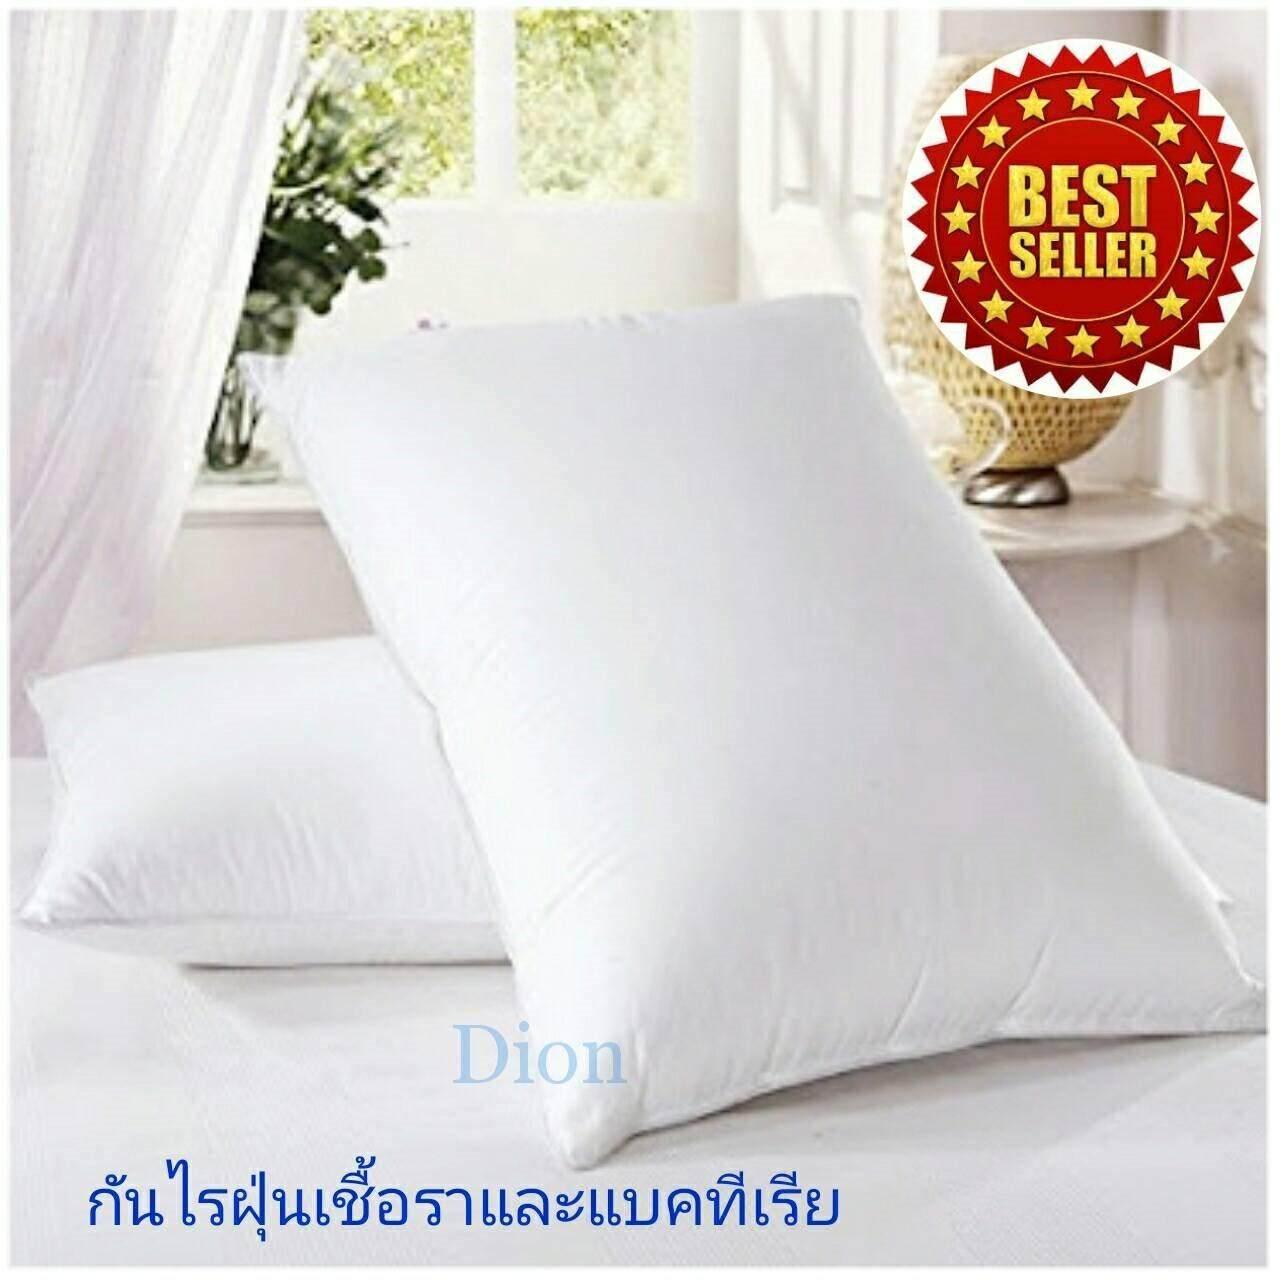 สุดคุ้ม หมอนขนห่านเทียม 2 ใบ สำหรับคนชอบนอนนุ่มราบๆไม่เน้นสูง Premium Microfiber Pillow กันไรฝุ่นและเชื้อรา